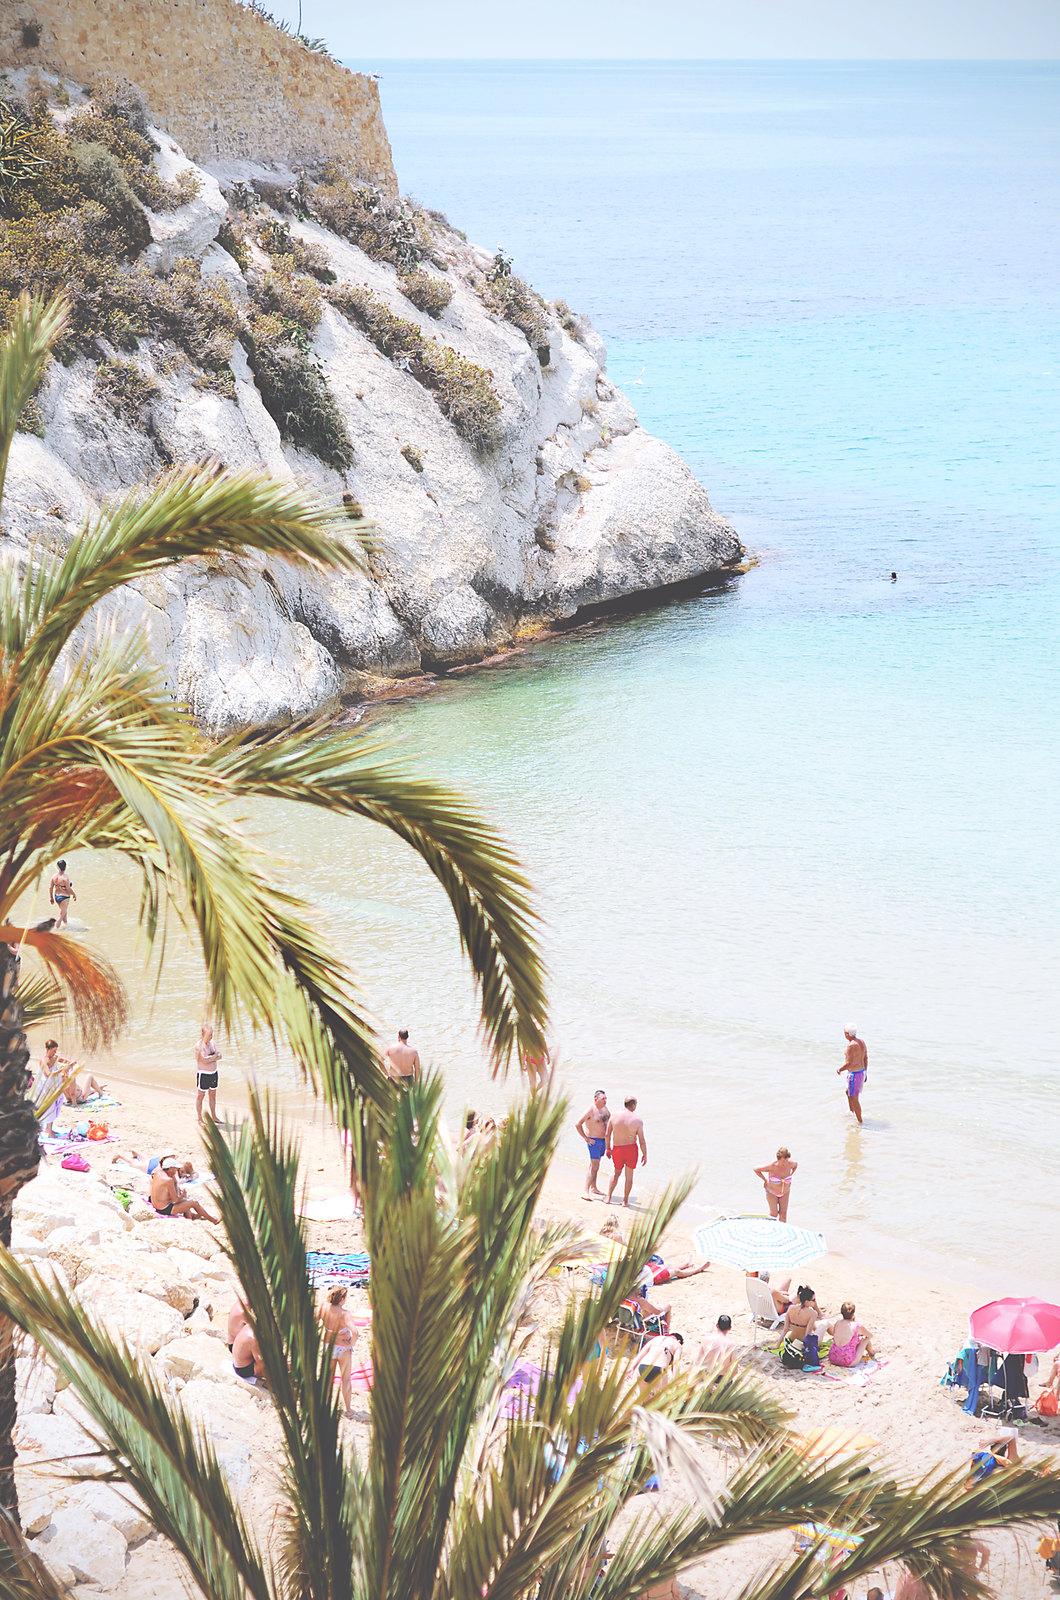 Benidorm wordt door reisblog It's Travel O'Clock getipt als 1 van de 17 reisbestemmingen van 2017